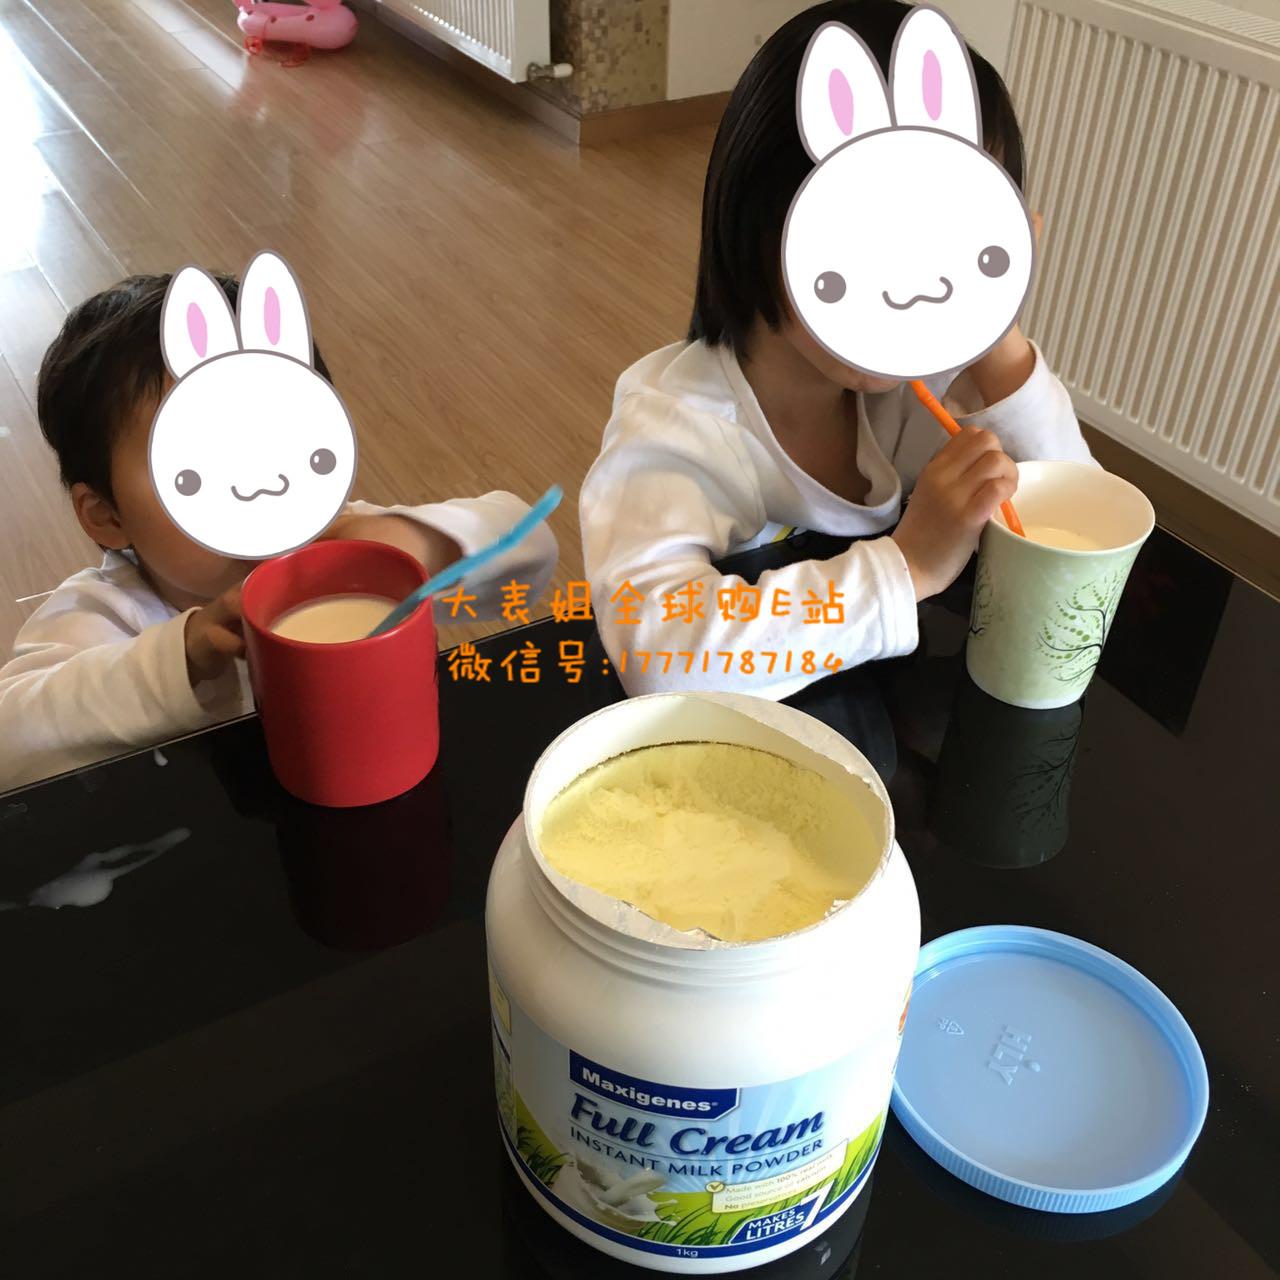 现货出售 澳洲蓝胖子Maxigenes 美可卓 全脂高钙奶粉 1kg  鲜奶口感 自用推荐